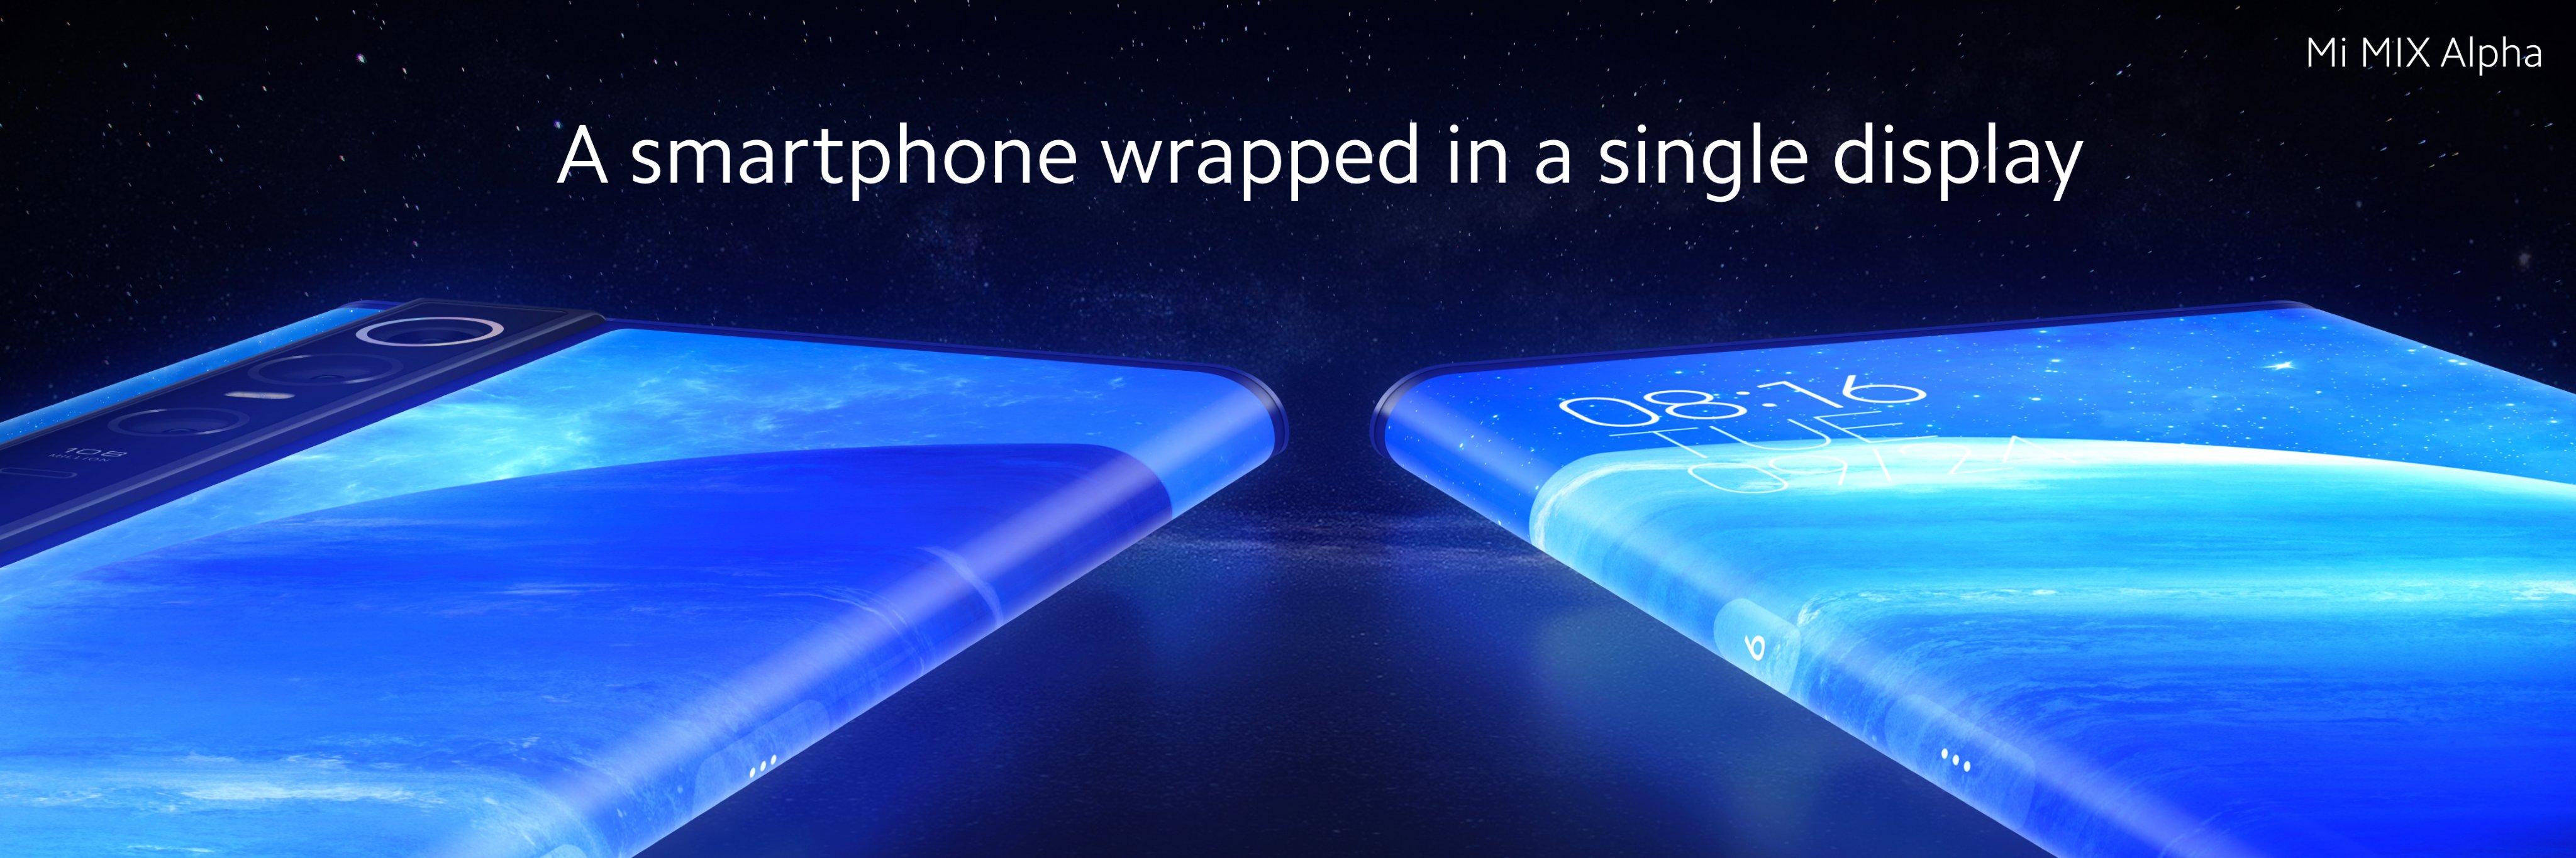 Xiaomi Mi Mix Alpha cena premiera Mi Mix 4 specyfikacja techniczna koncepcyjny smartfon opinie gdzie kupić najtaniej w Polsce